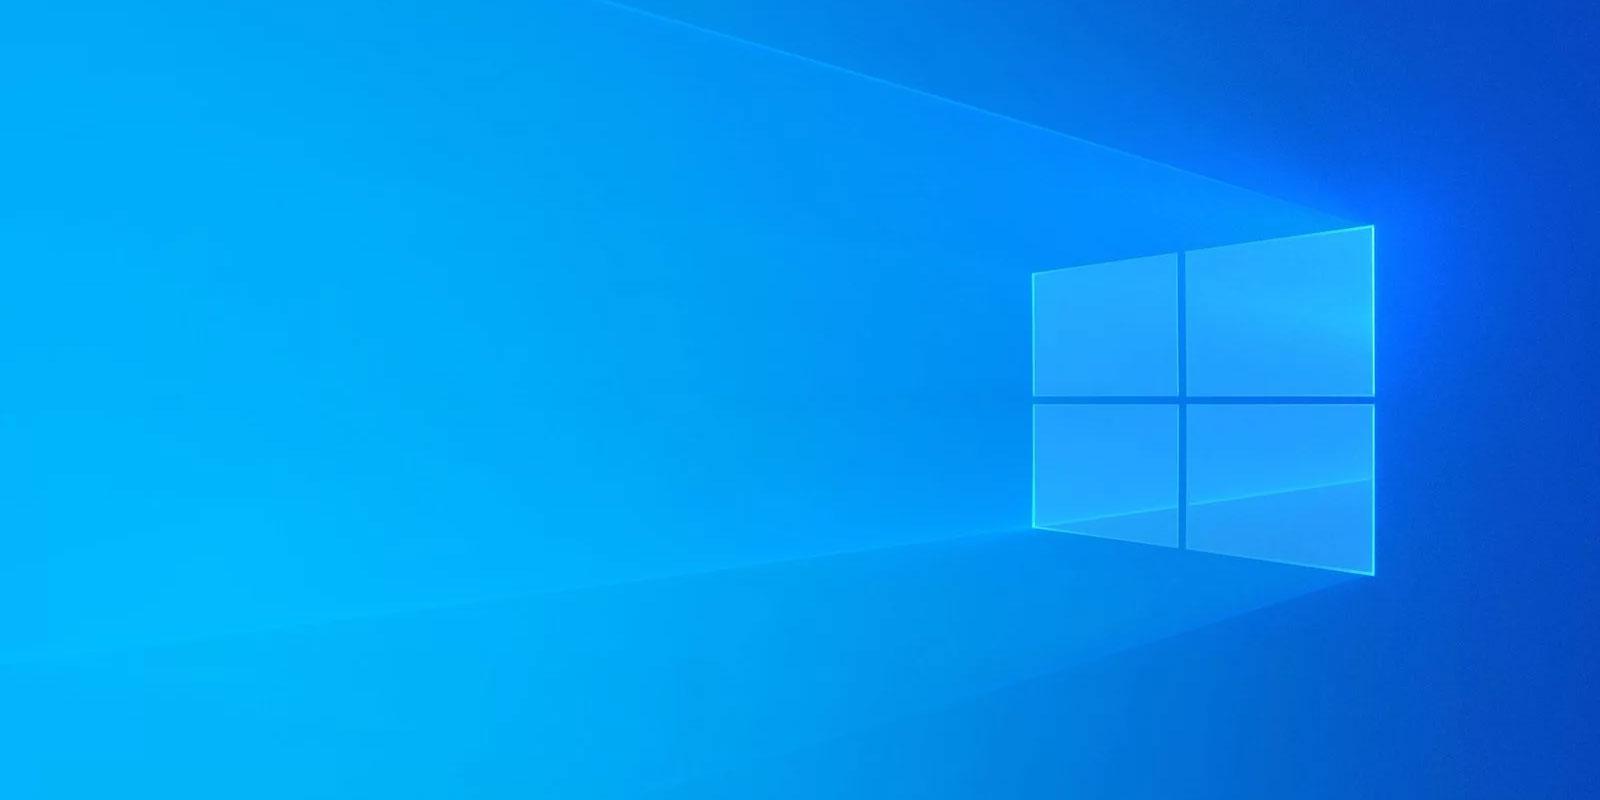 سیستم عامل ویندوز لایت (Windows Lite OS) رقیب کروم OS گوگل خواهد بود